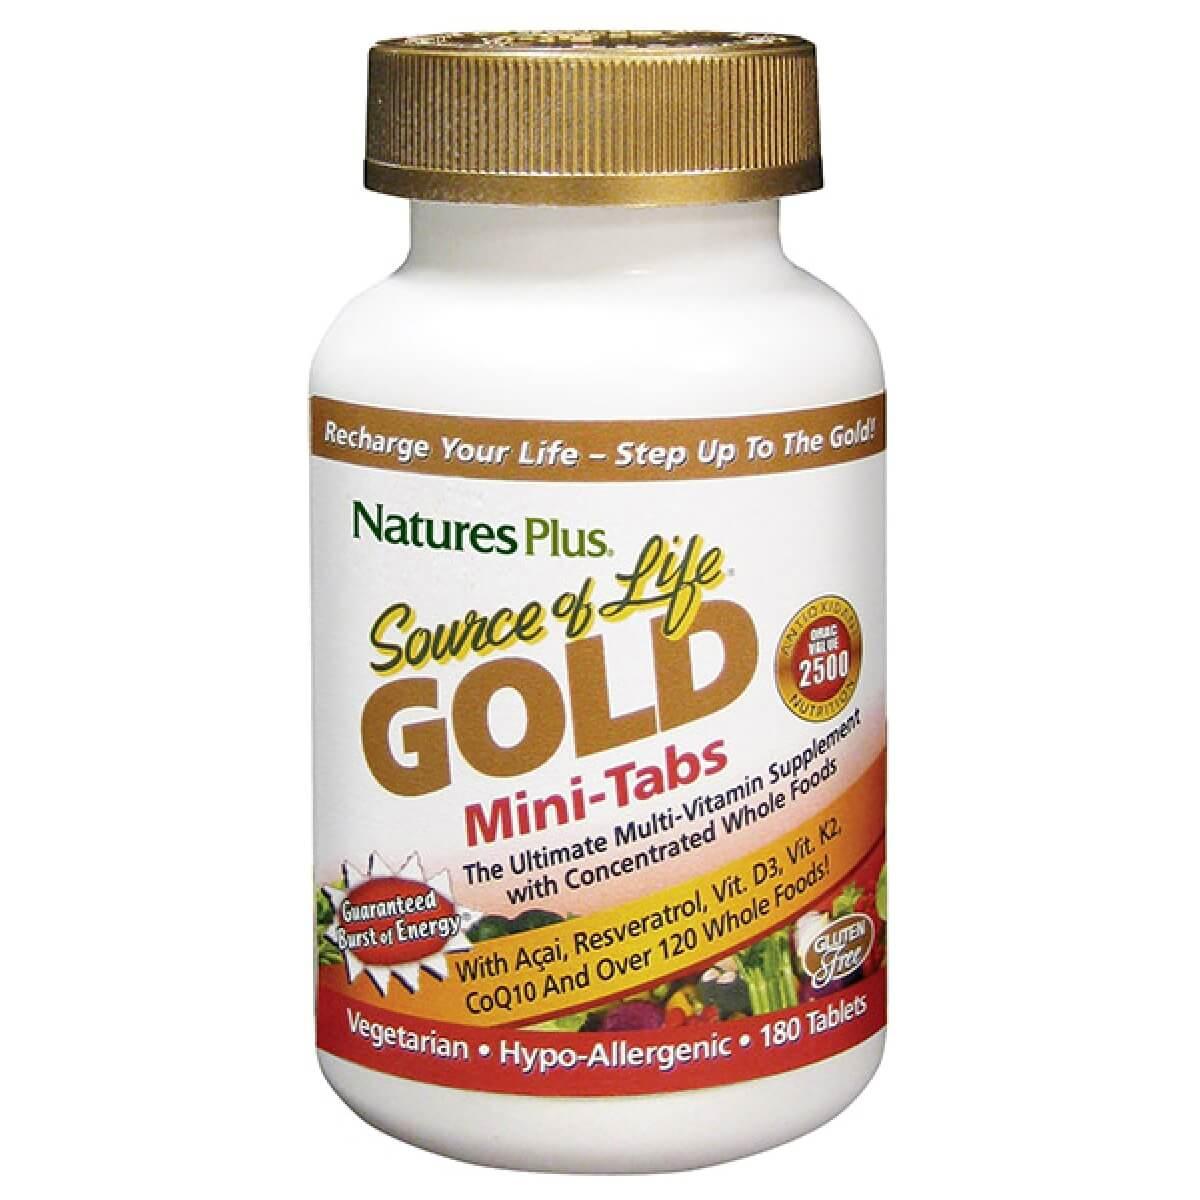 Natures Plus Source Of Life Gold ΠολυβιταμινούχοΣυμπλήρωμα Διατροφής180 Mini Tabs